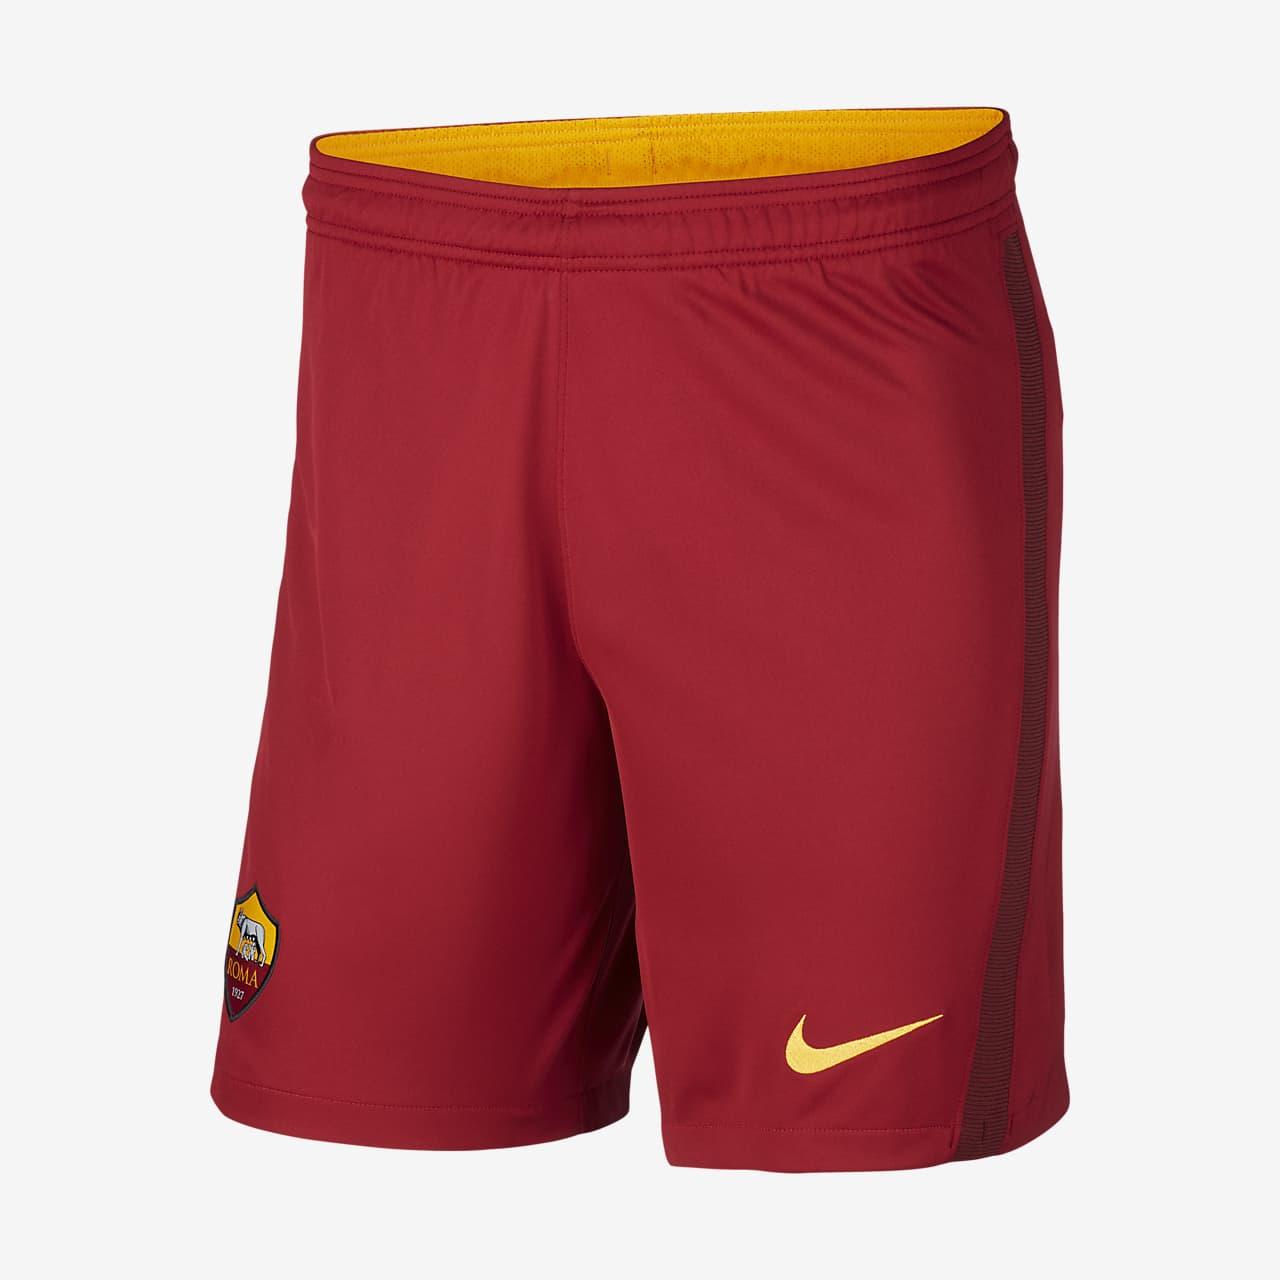 A.S. Roma 2020/21 Stadium Home Men's Football Shorts